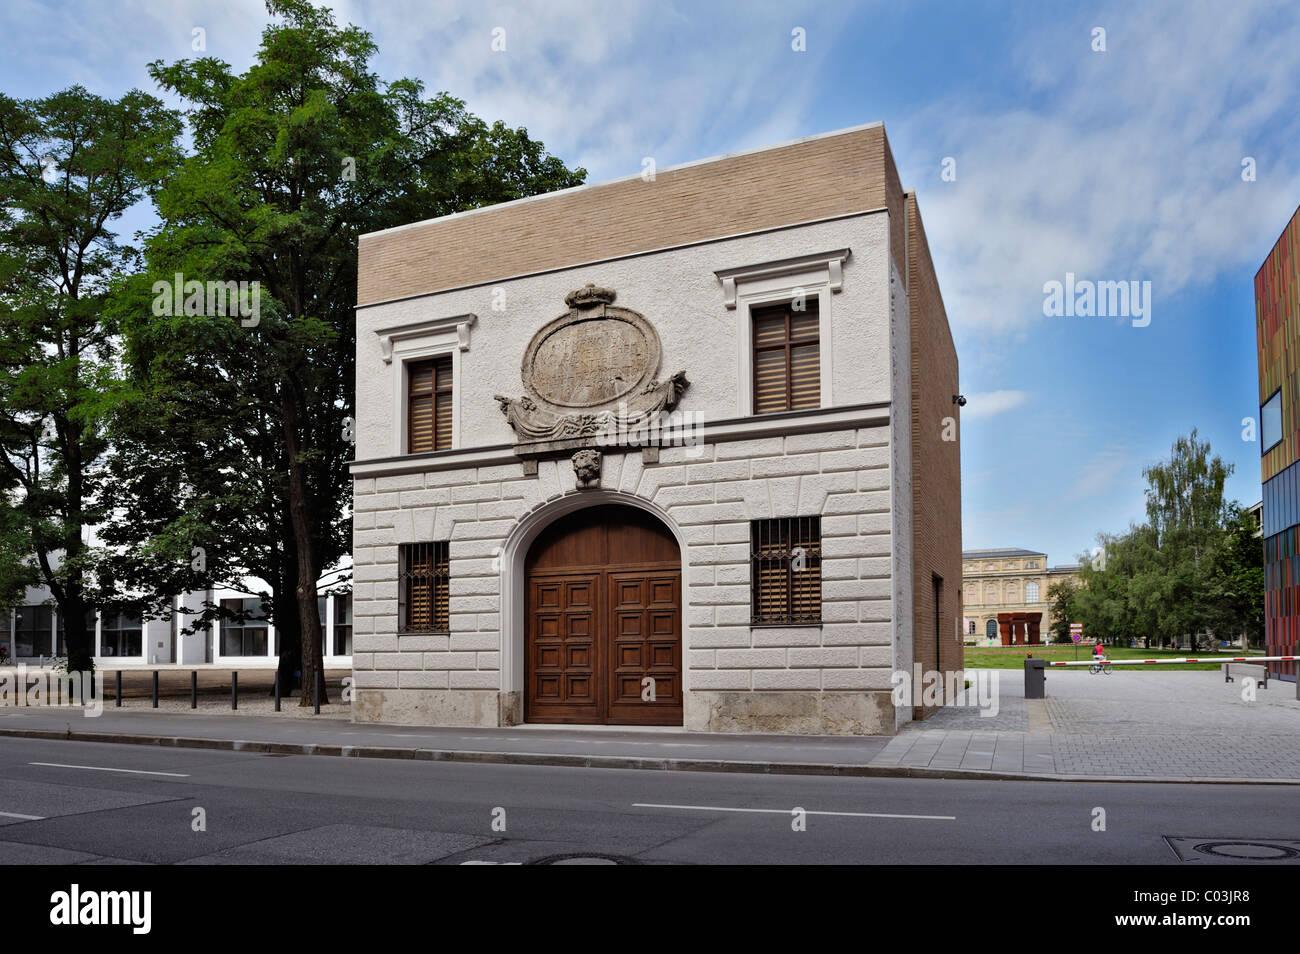 Das türkische Tor, Standort für Kunst, Tuerkenstrasse, München, Bayern, Deutschland, Europa Stockbild